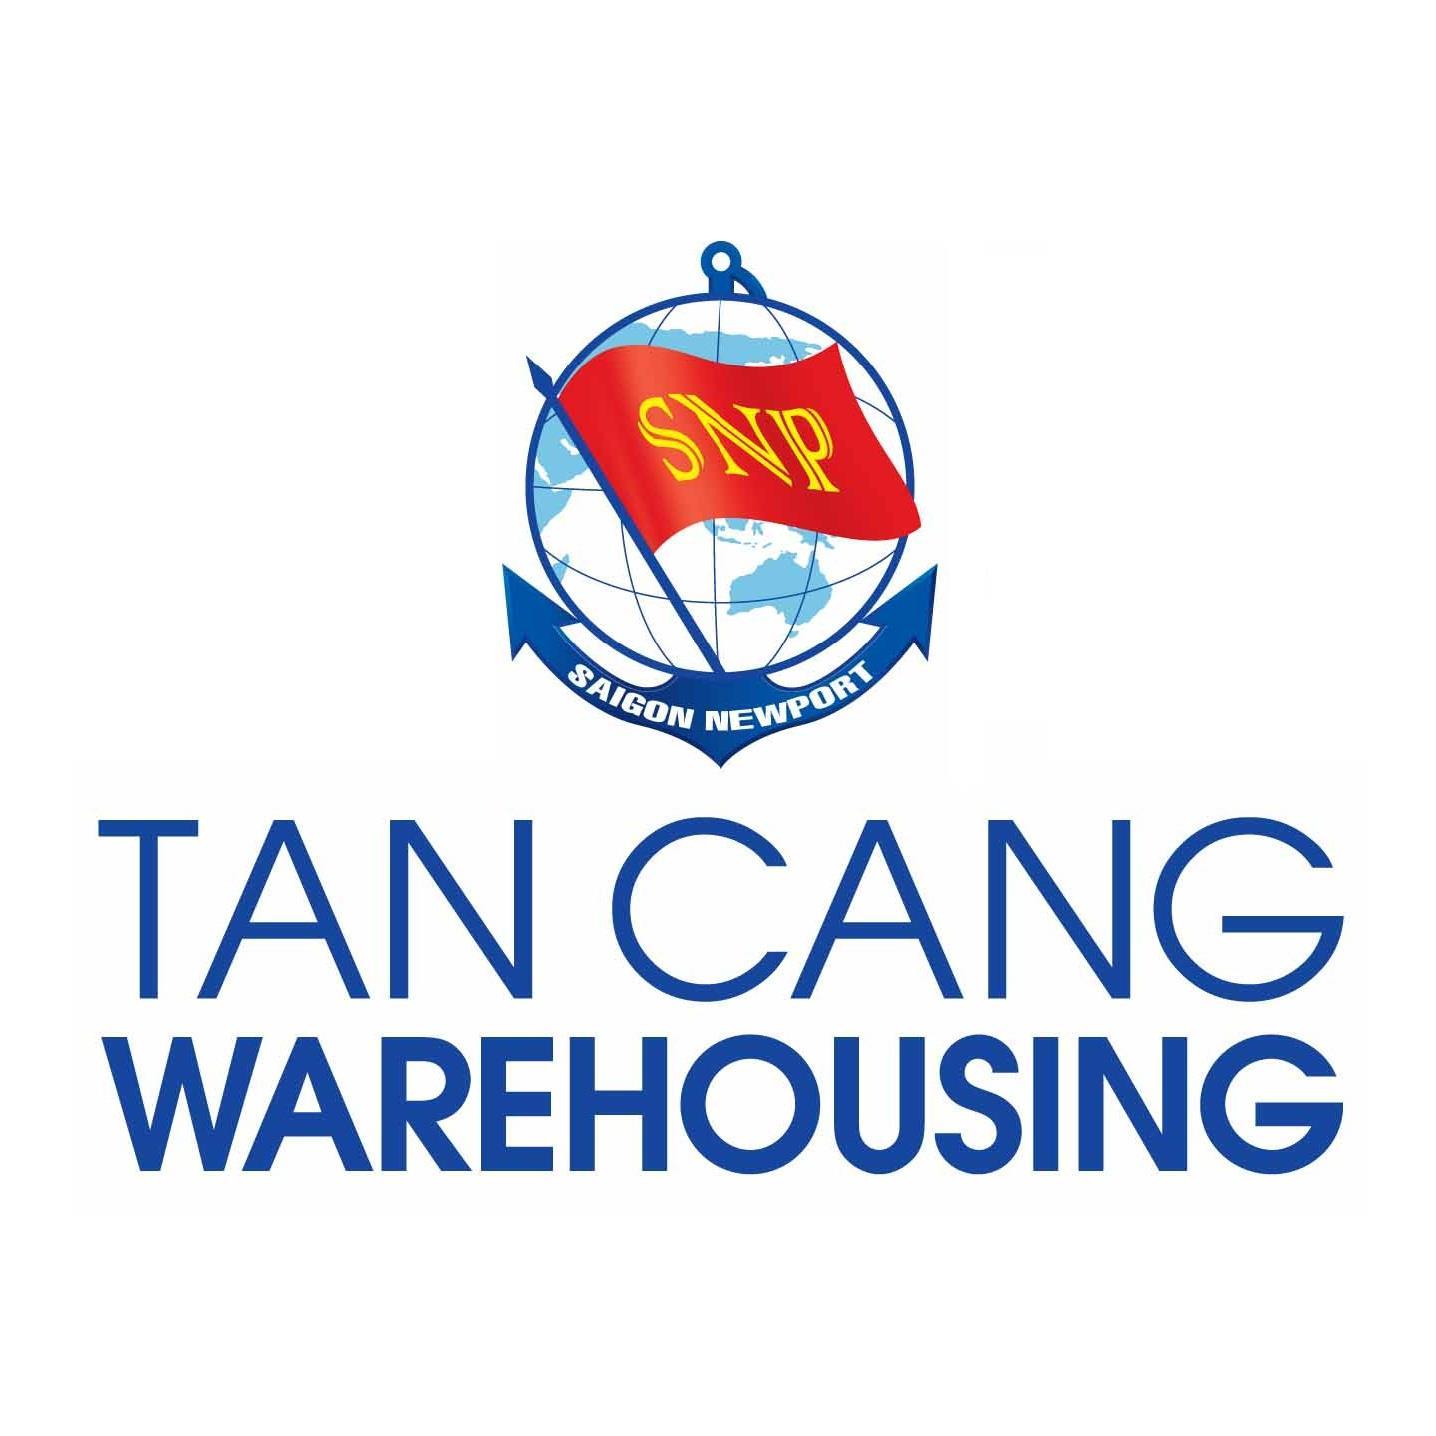 TCW: Nghị quyết Đại hội đồng cổ đông thường niên năm 2018